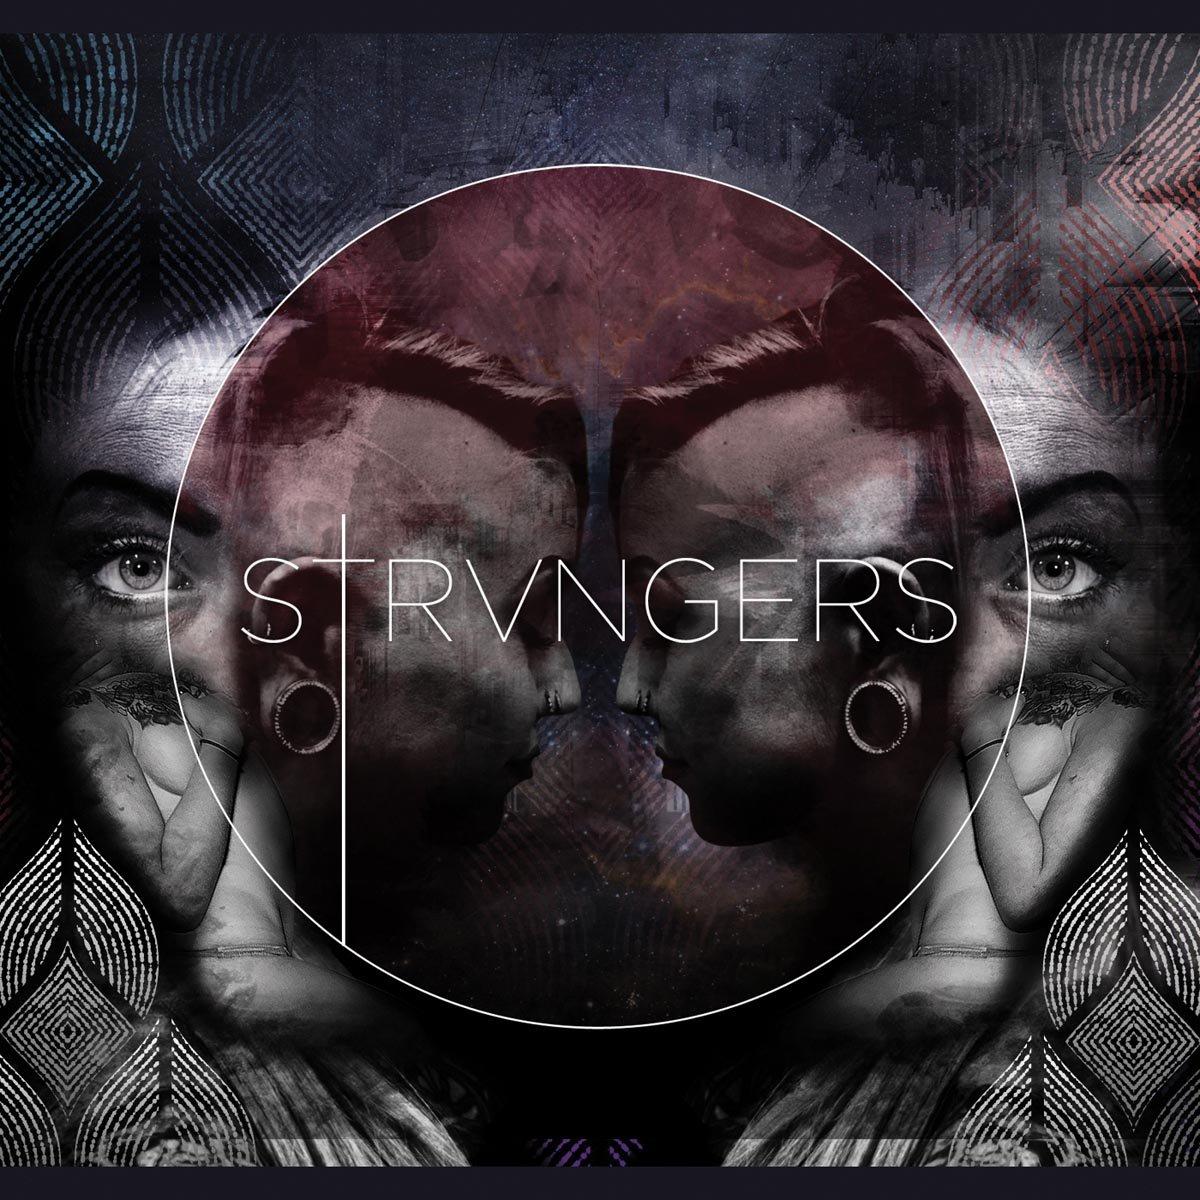 Strvngers by Strvngers